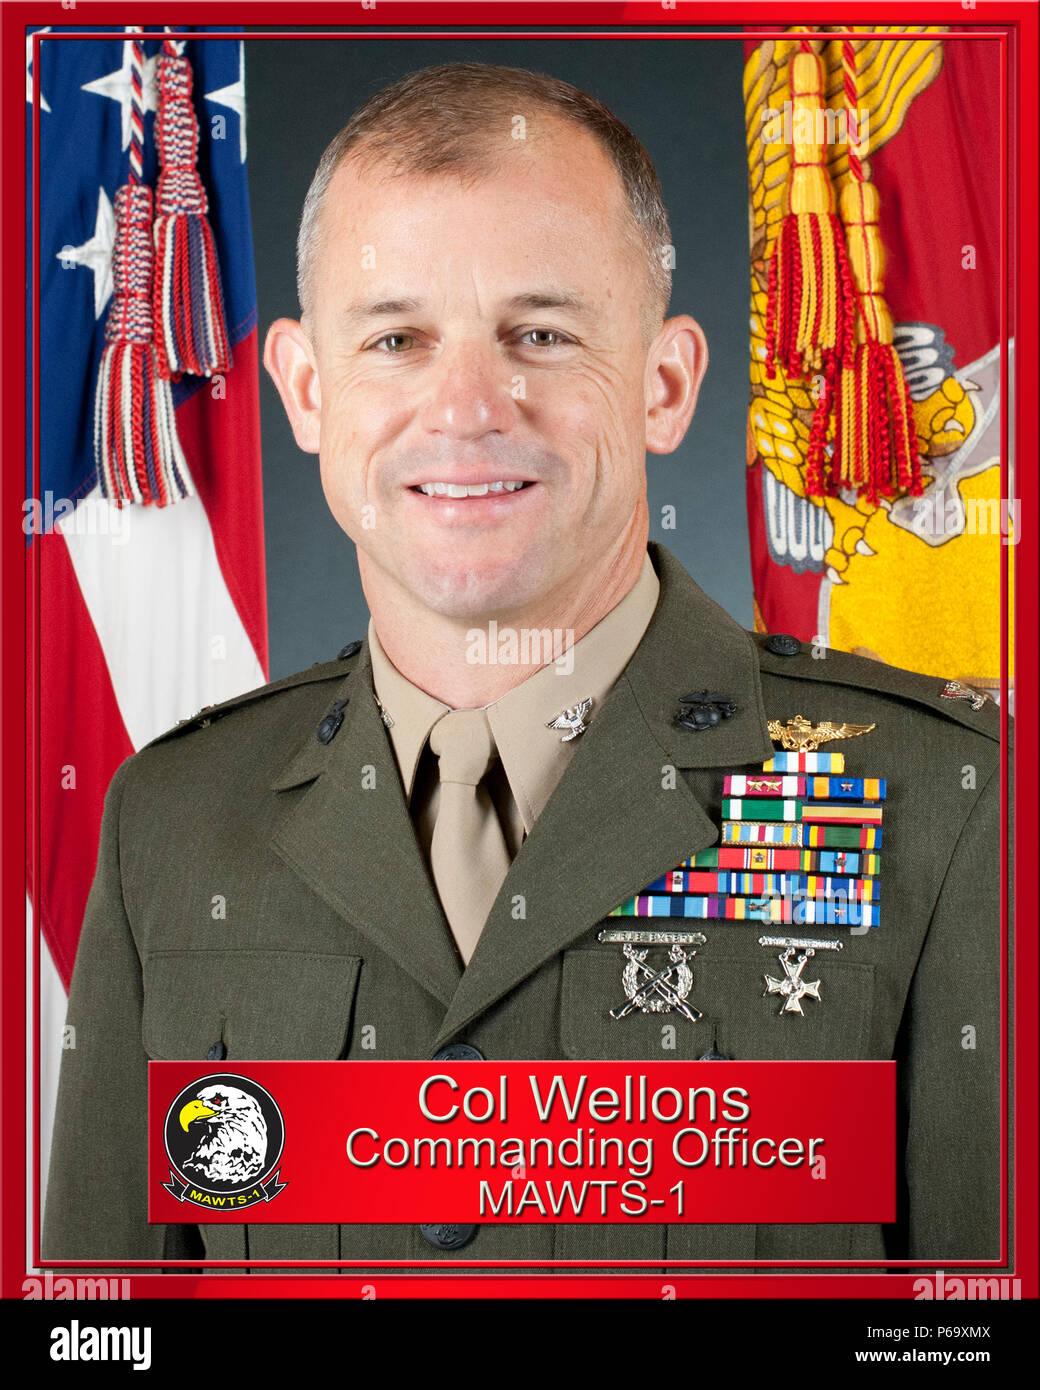 Cuerpo de Marines de EE.UU, el Coronel James B. Wellons es el actual Comandante de la Aviación Marina Escuadrón de armas y tácticas (MAWTS-1), a bordo del Marine Corps Air Station Yuma, Arizona, el 12 de mayo de 2016. (Ee.Uu. Marine Corps Foto por CPL. B. Vinculado AaronJames/liberado) Foto de stock